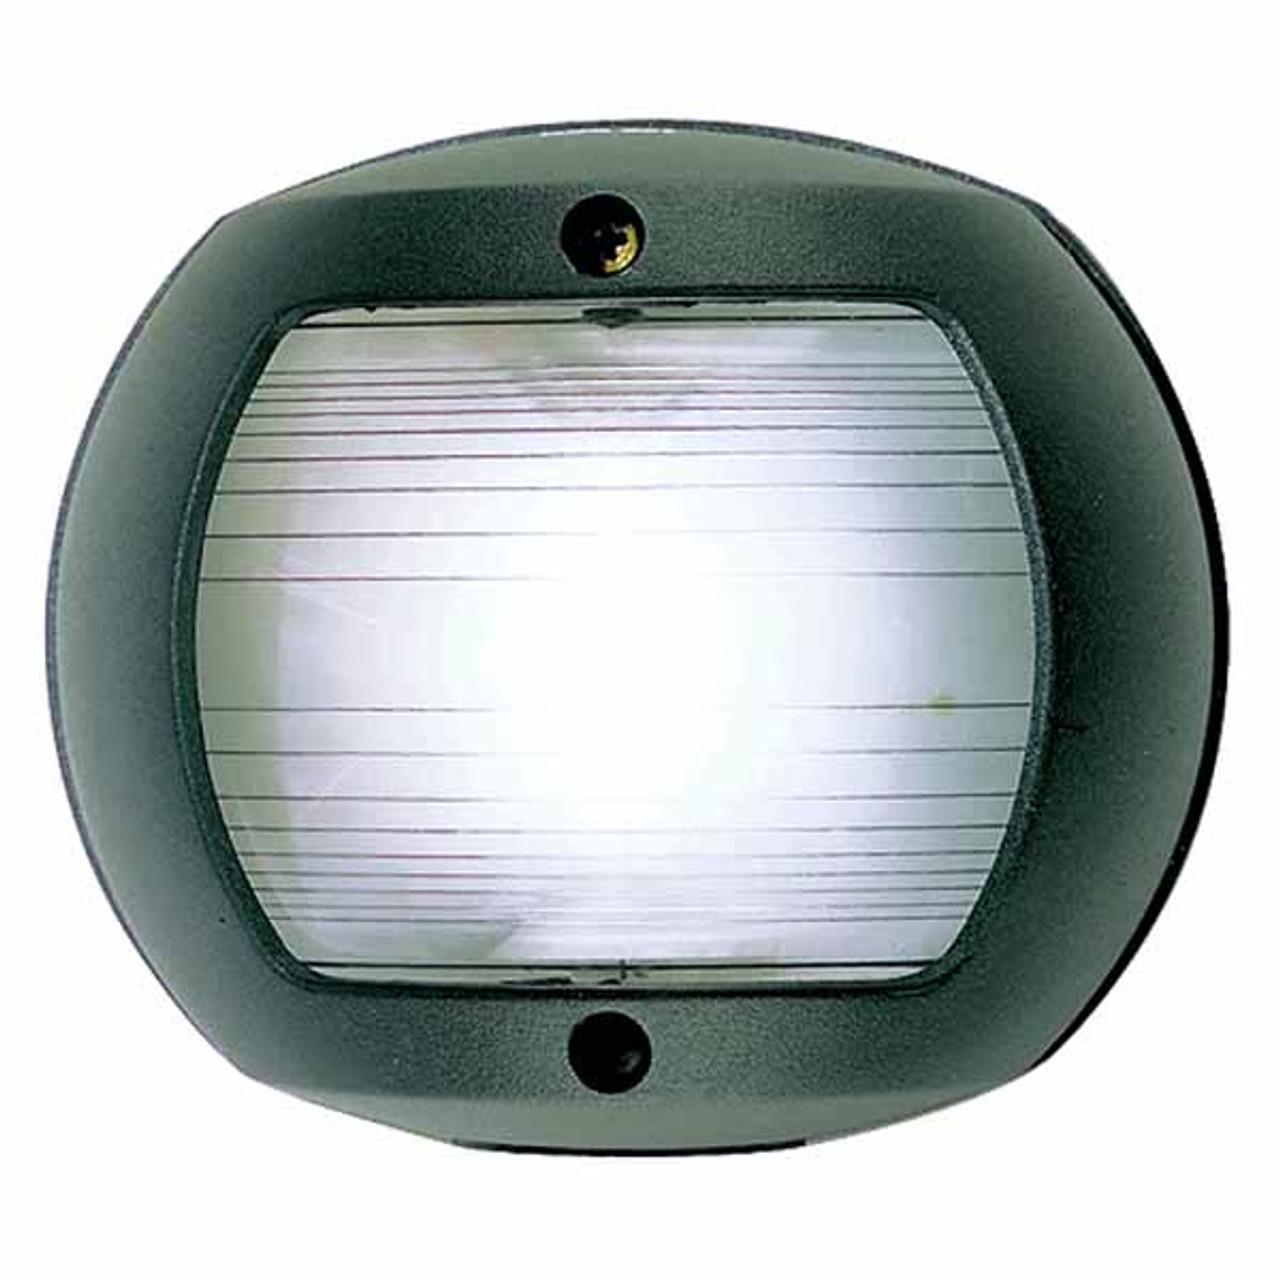 LED Stern Light 12 Volt